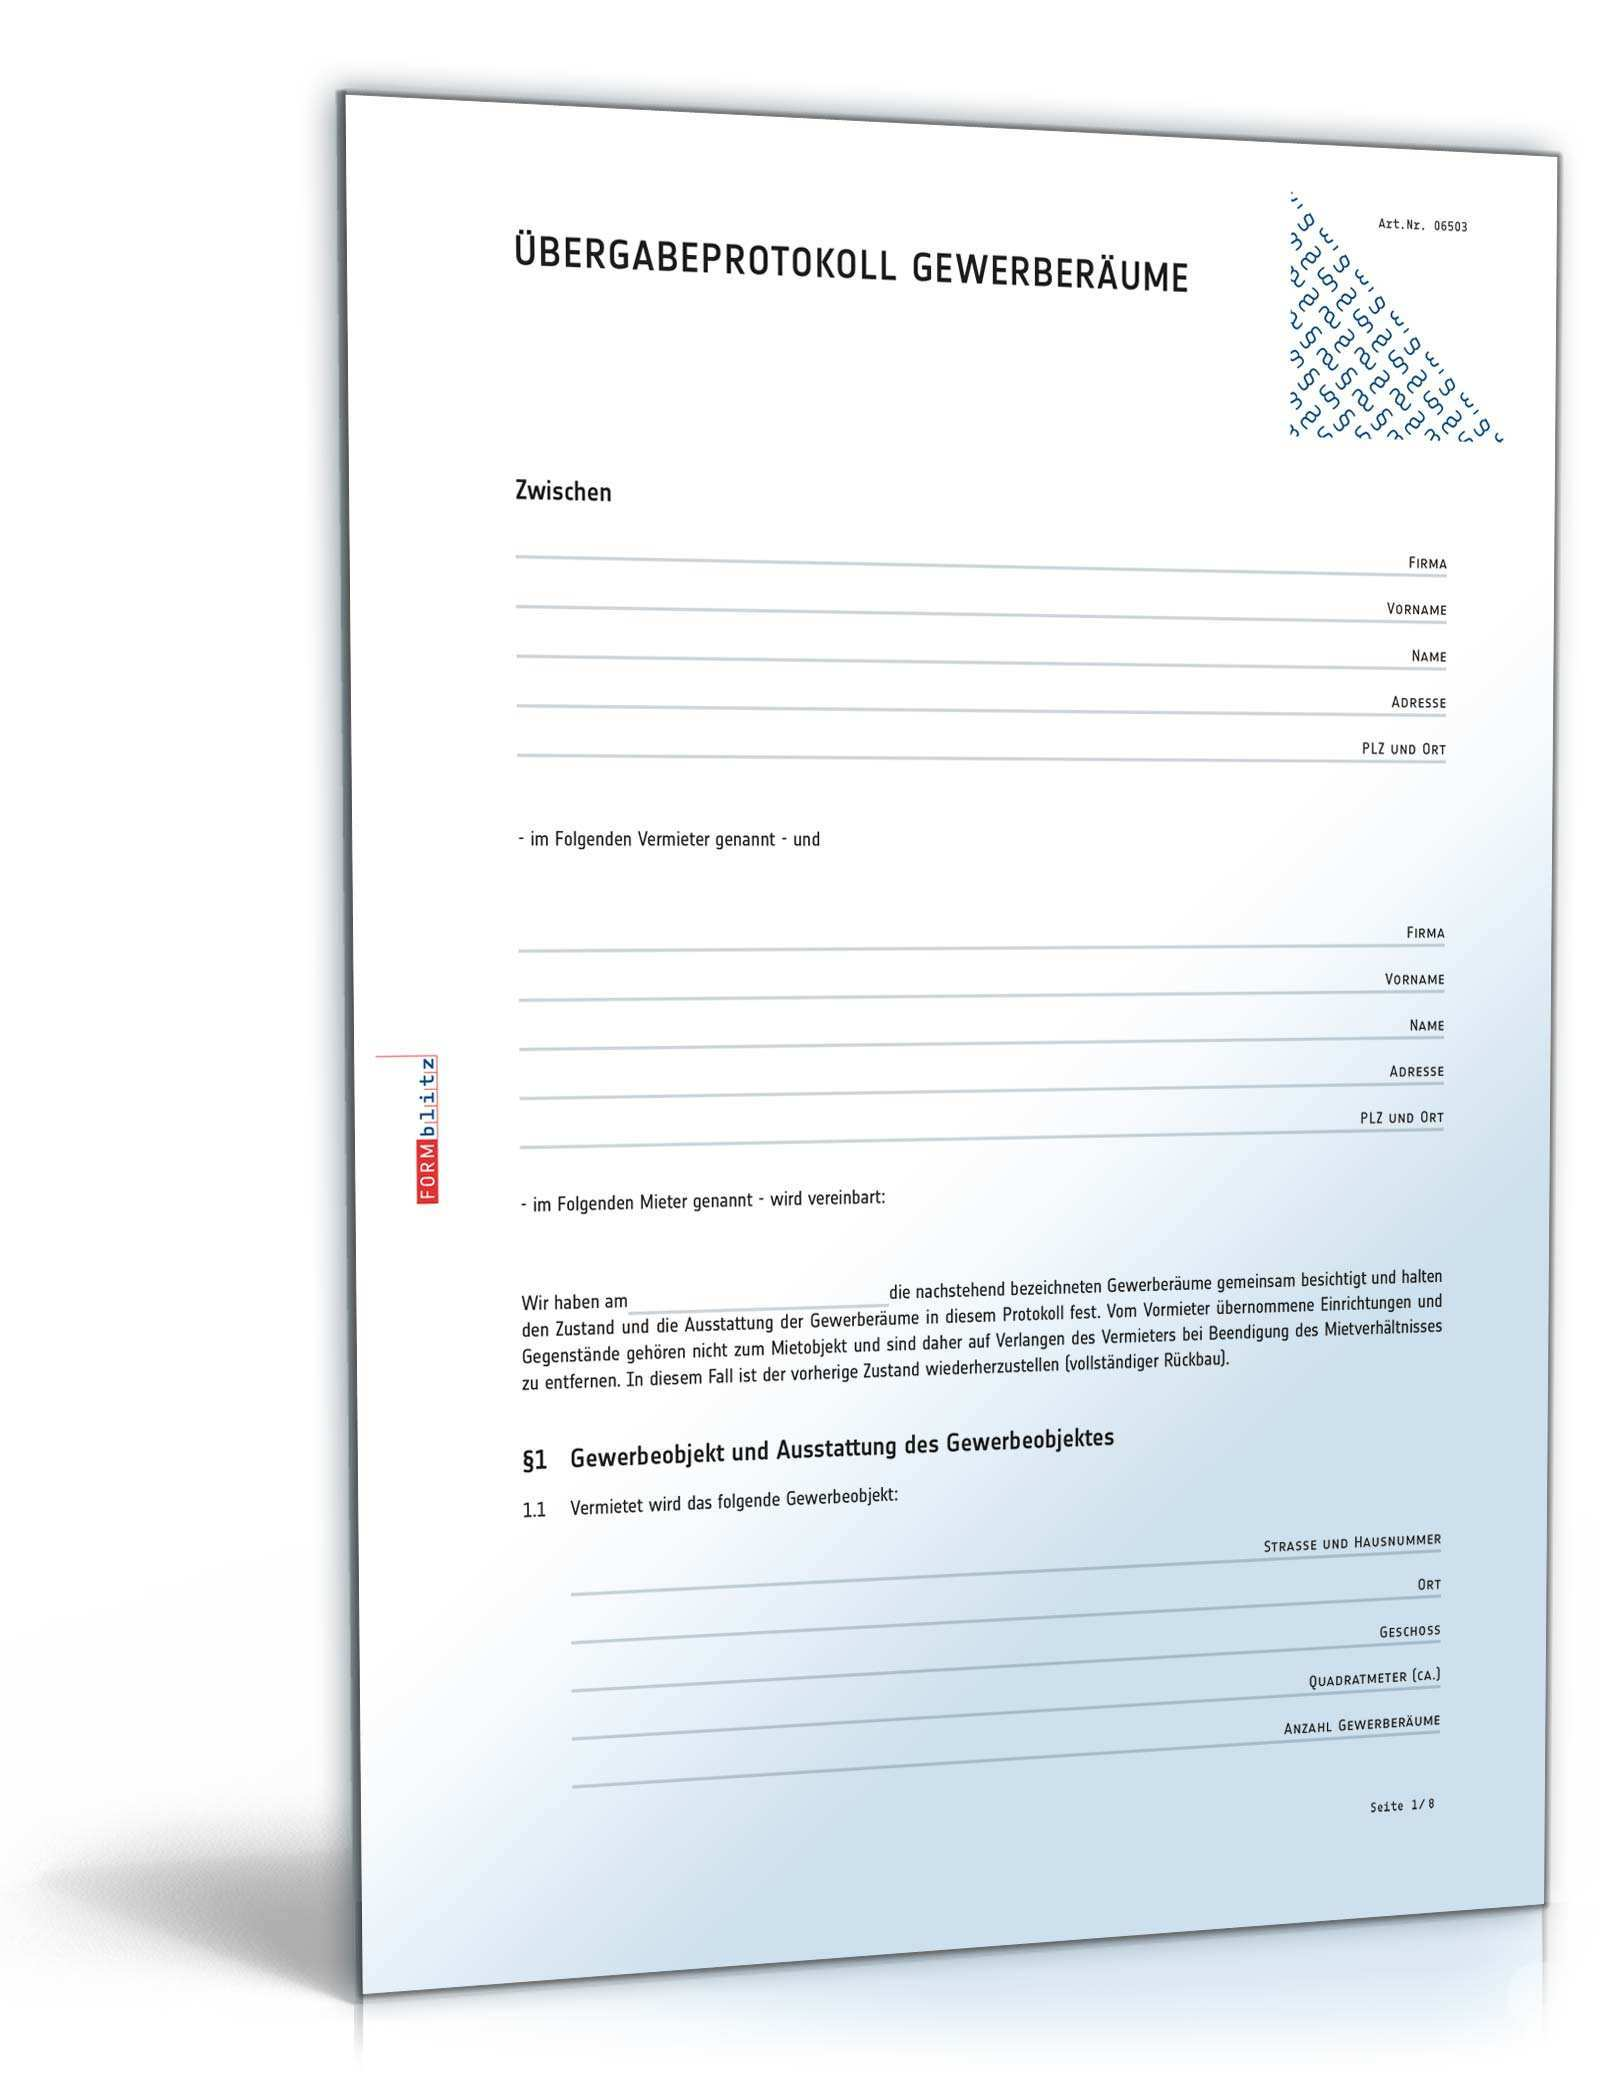 Ubergabeprotokoll Gewerberaume Muster Zum Download